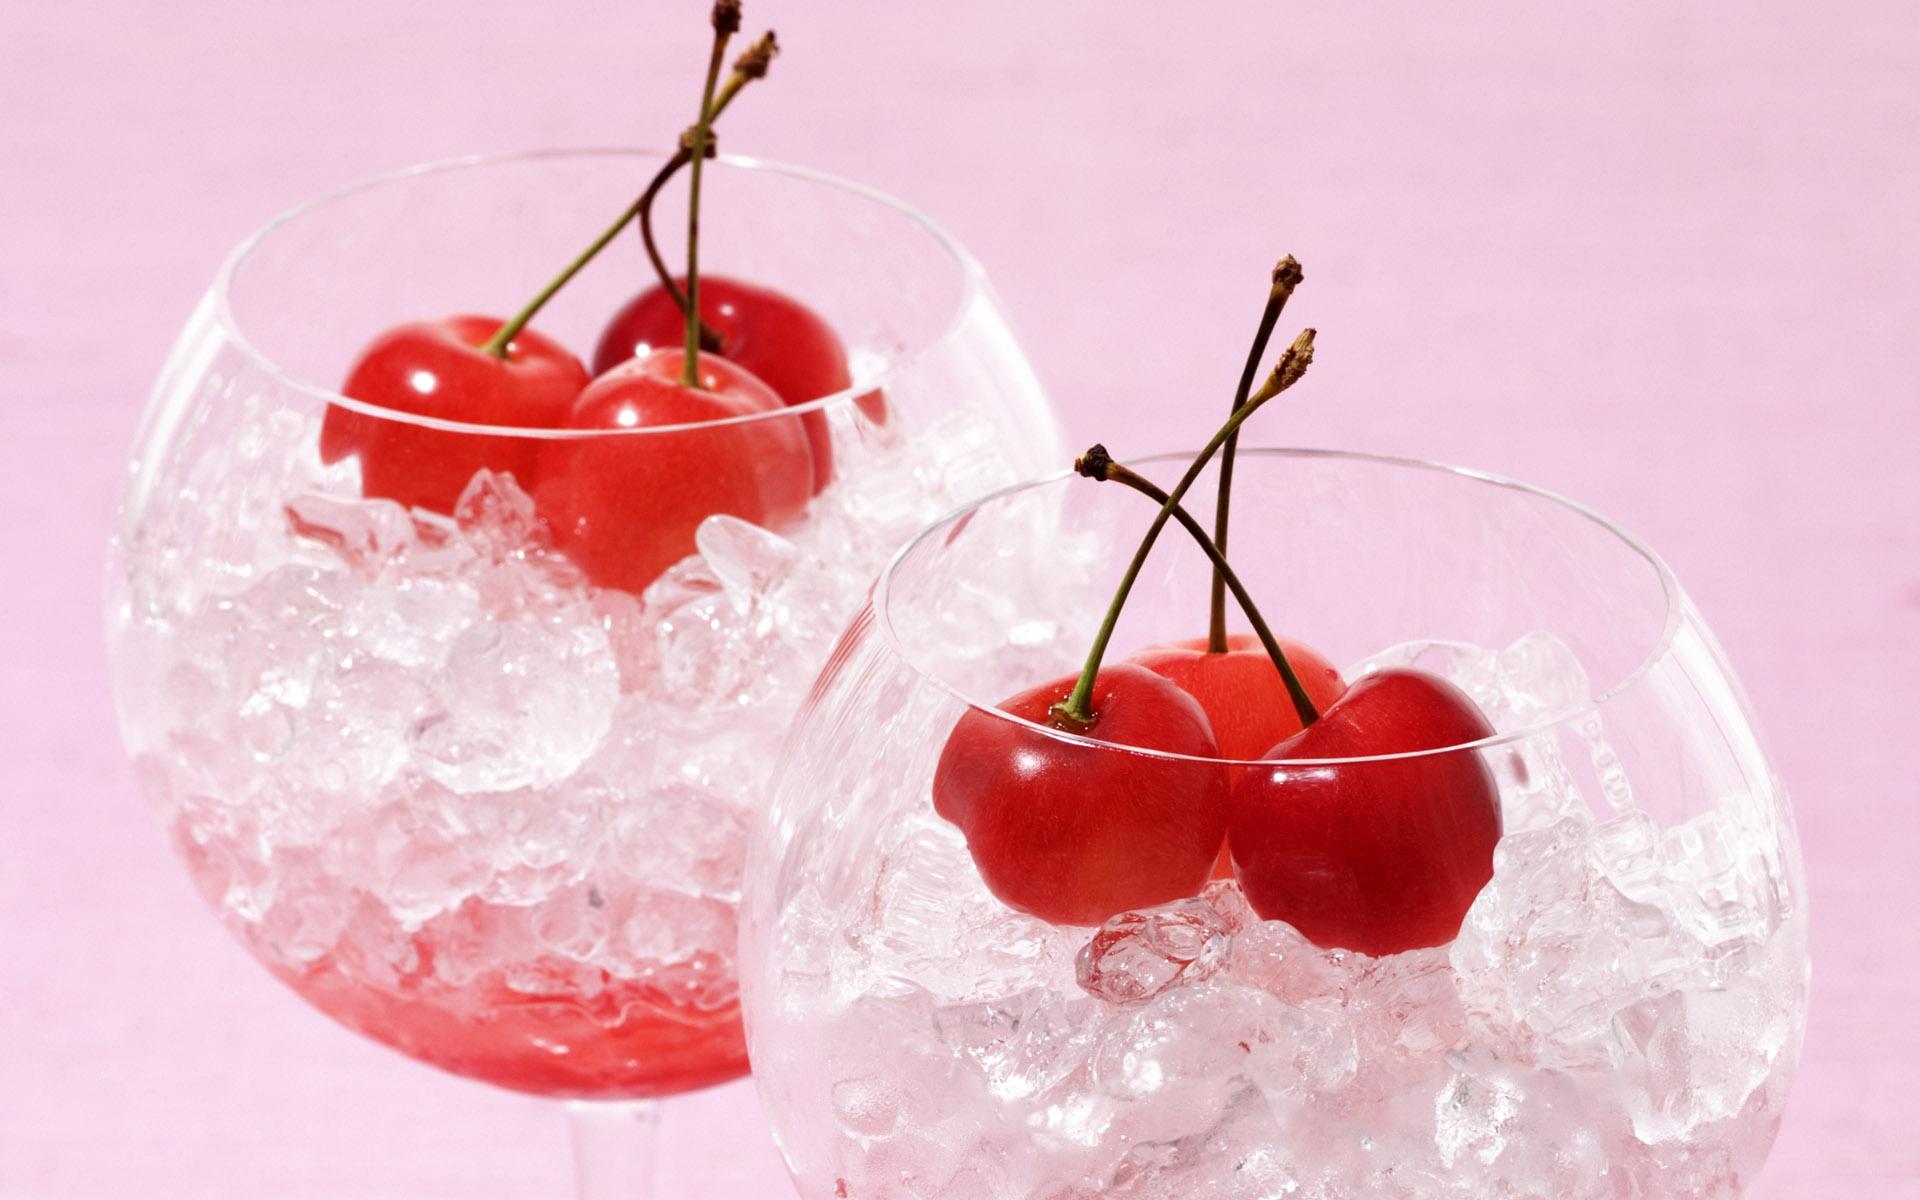 Quả cherry nhập khẩu hoa qua ngon nhất